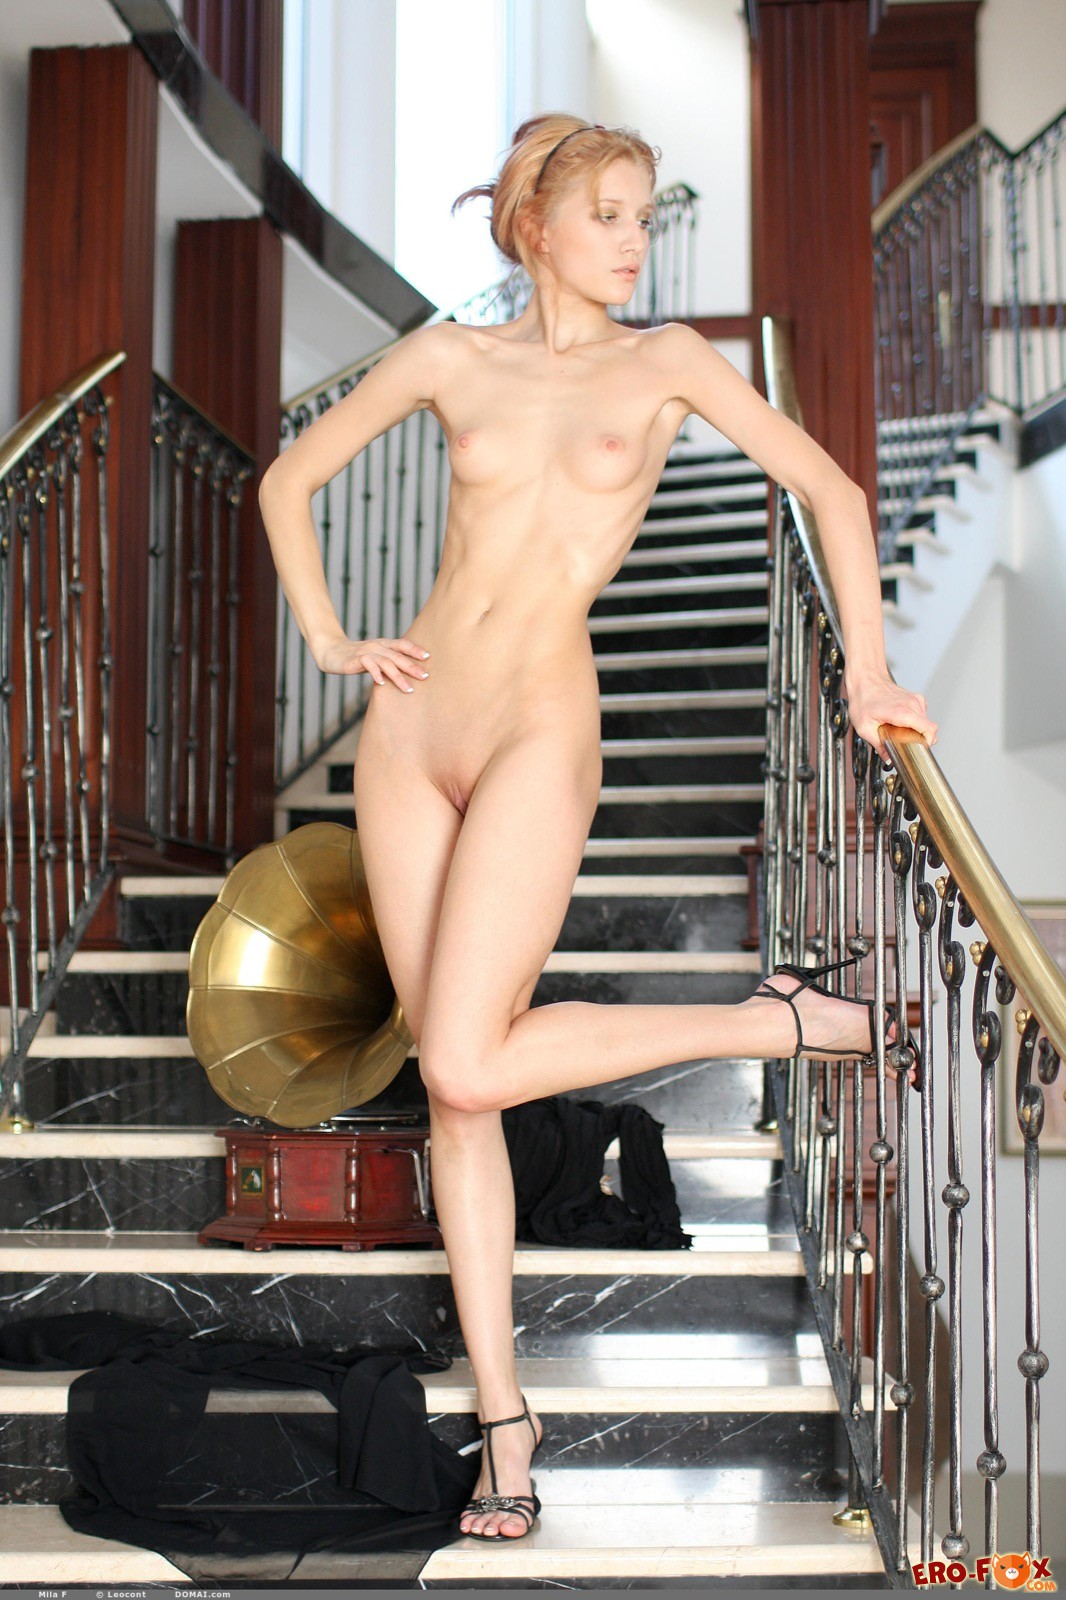 Красавица с плоской грудью оголилась на лестнице